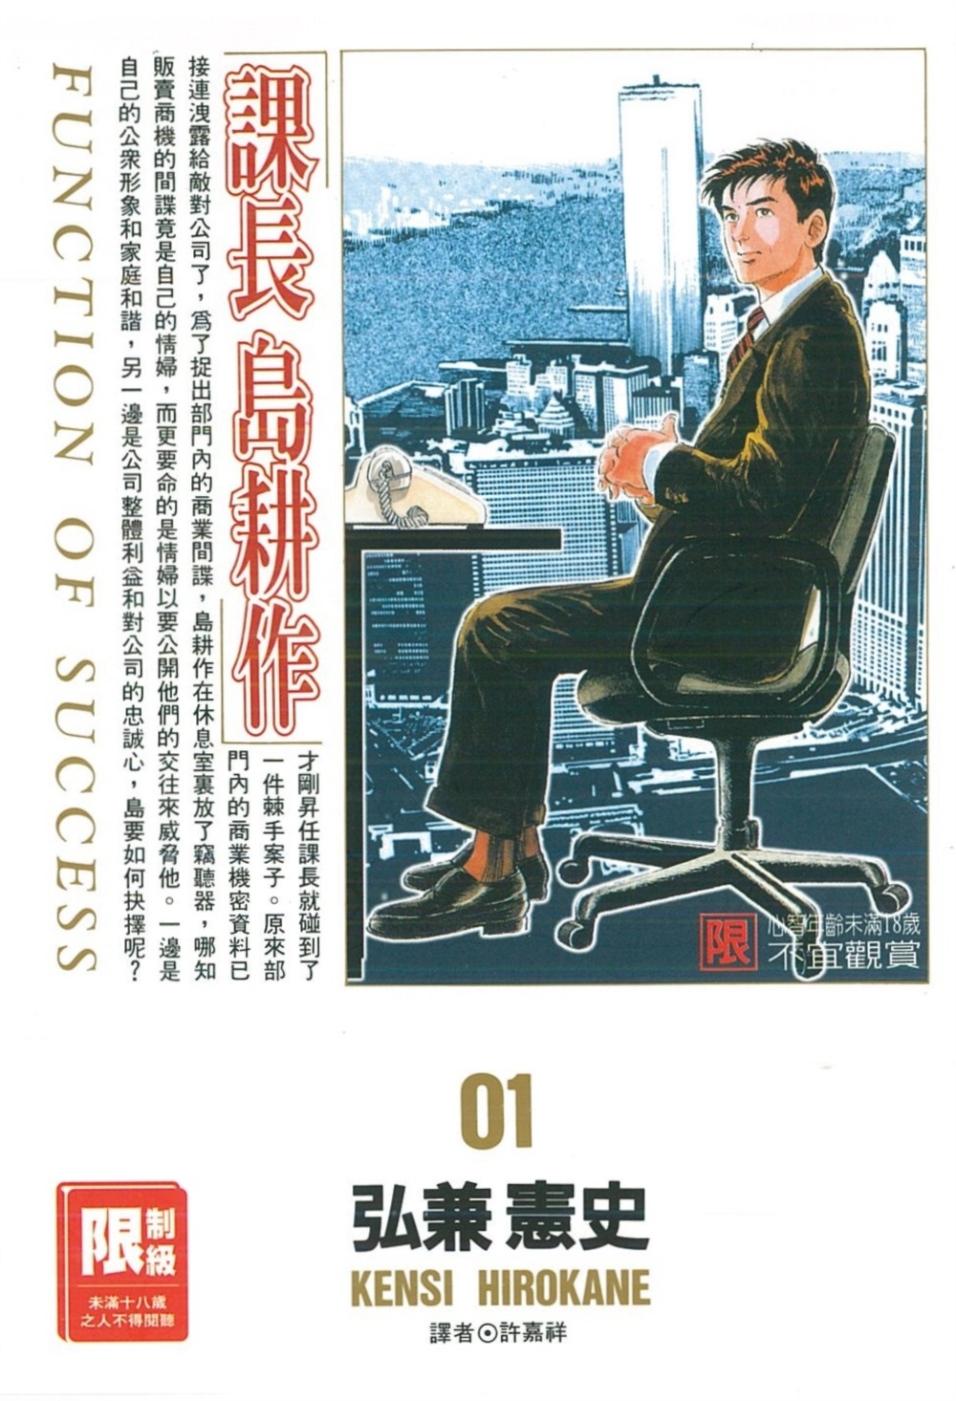 課長島耕作(01)(限)(限台...